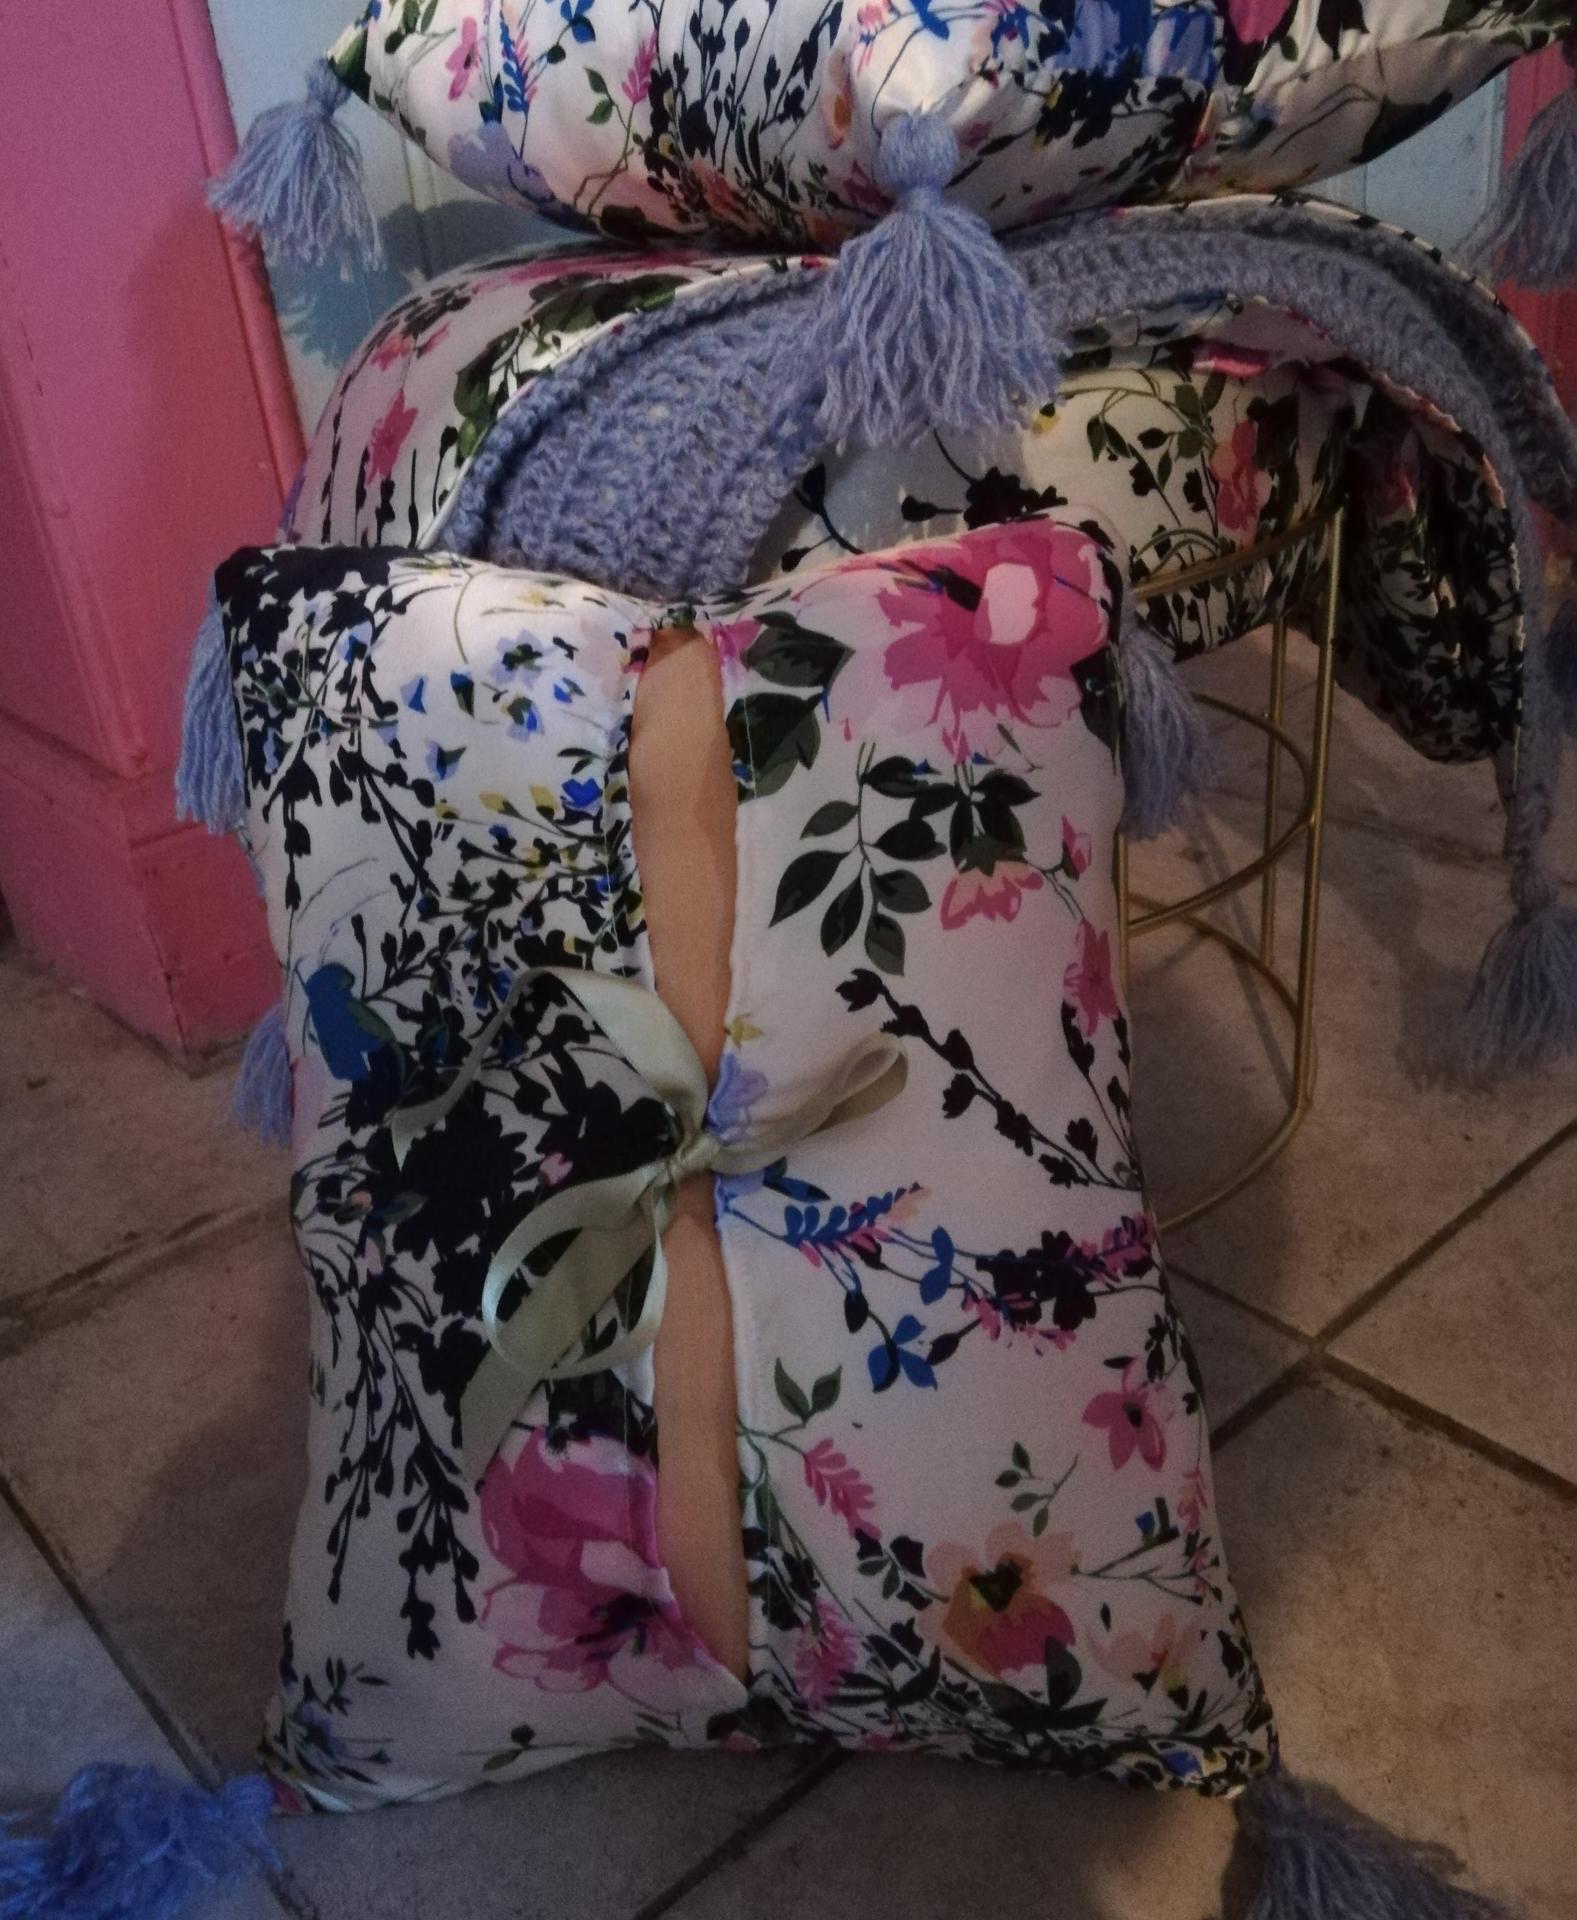 Rechauffe canape de qualite coussin cale tete de qualite rien que pour soie pouf assise douceur rien que pour soie fifi au jardin detail 2